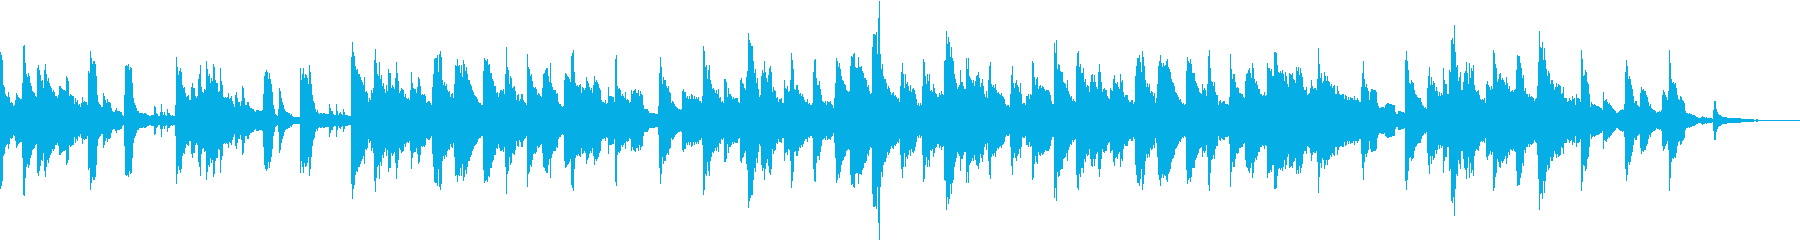 ジャズ・ミディアム・ライト・ピアノの再生済みの波形